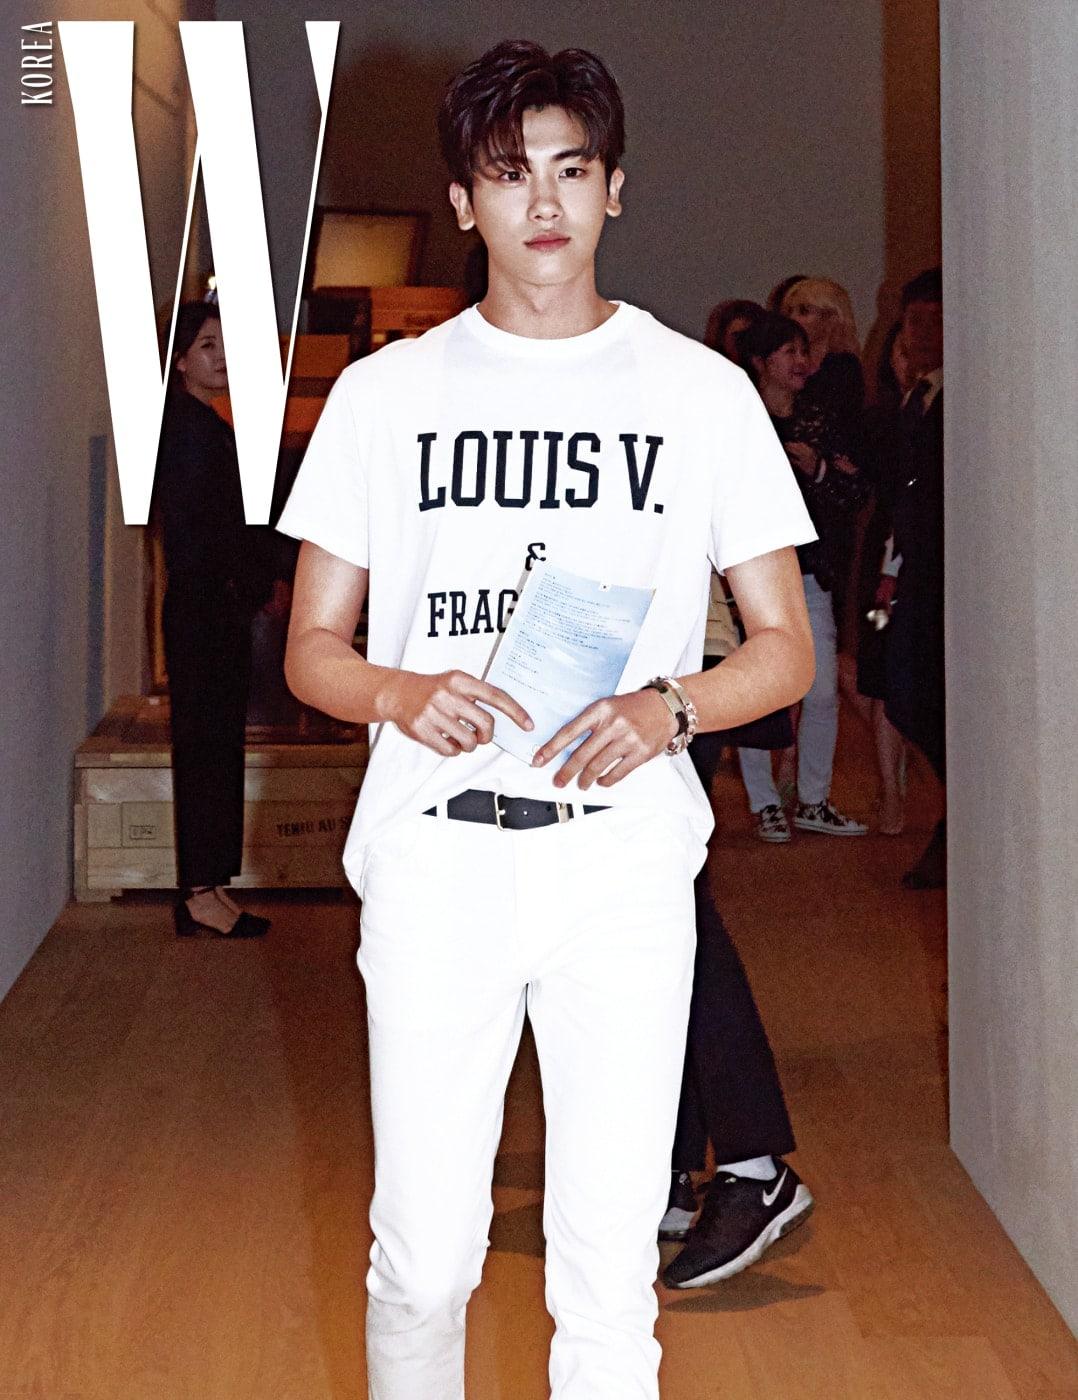 흰색 티셔츠와 팬츠로 올 화이트 룩을 연출한 배우 박형식.